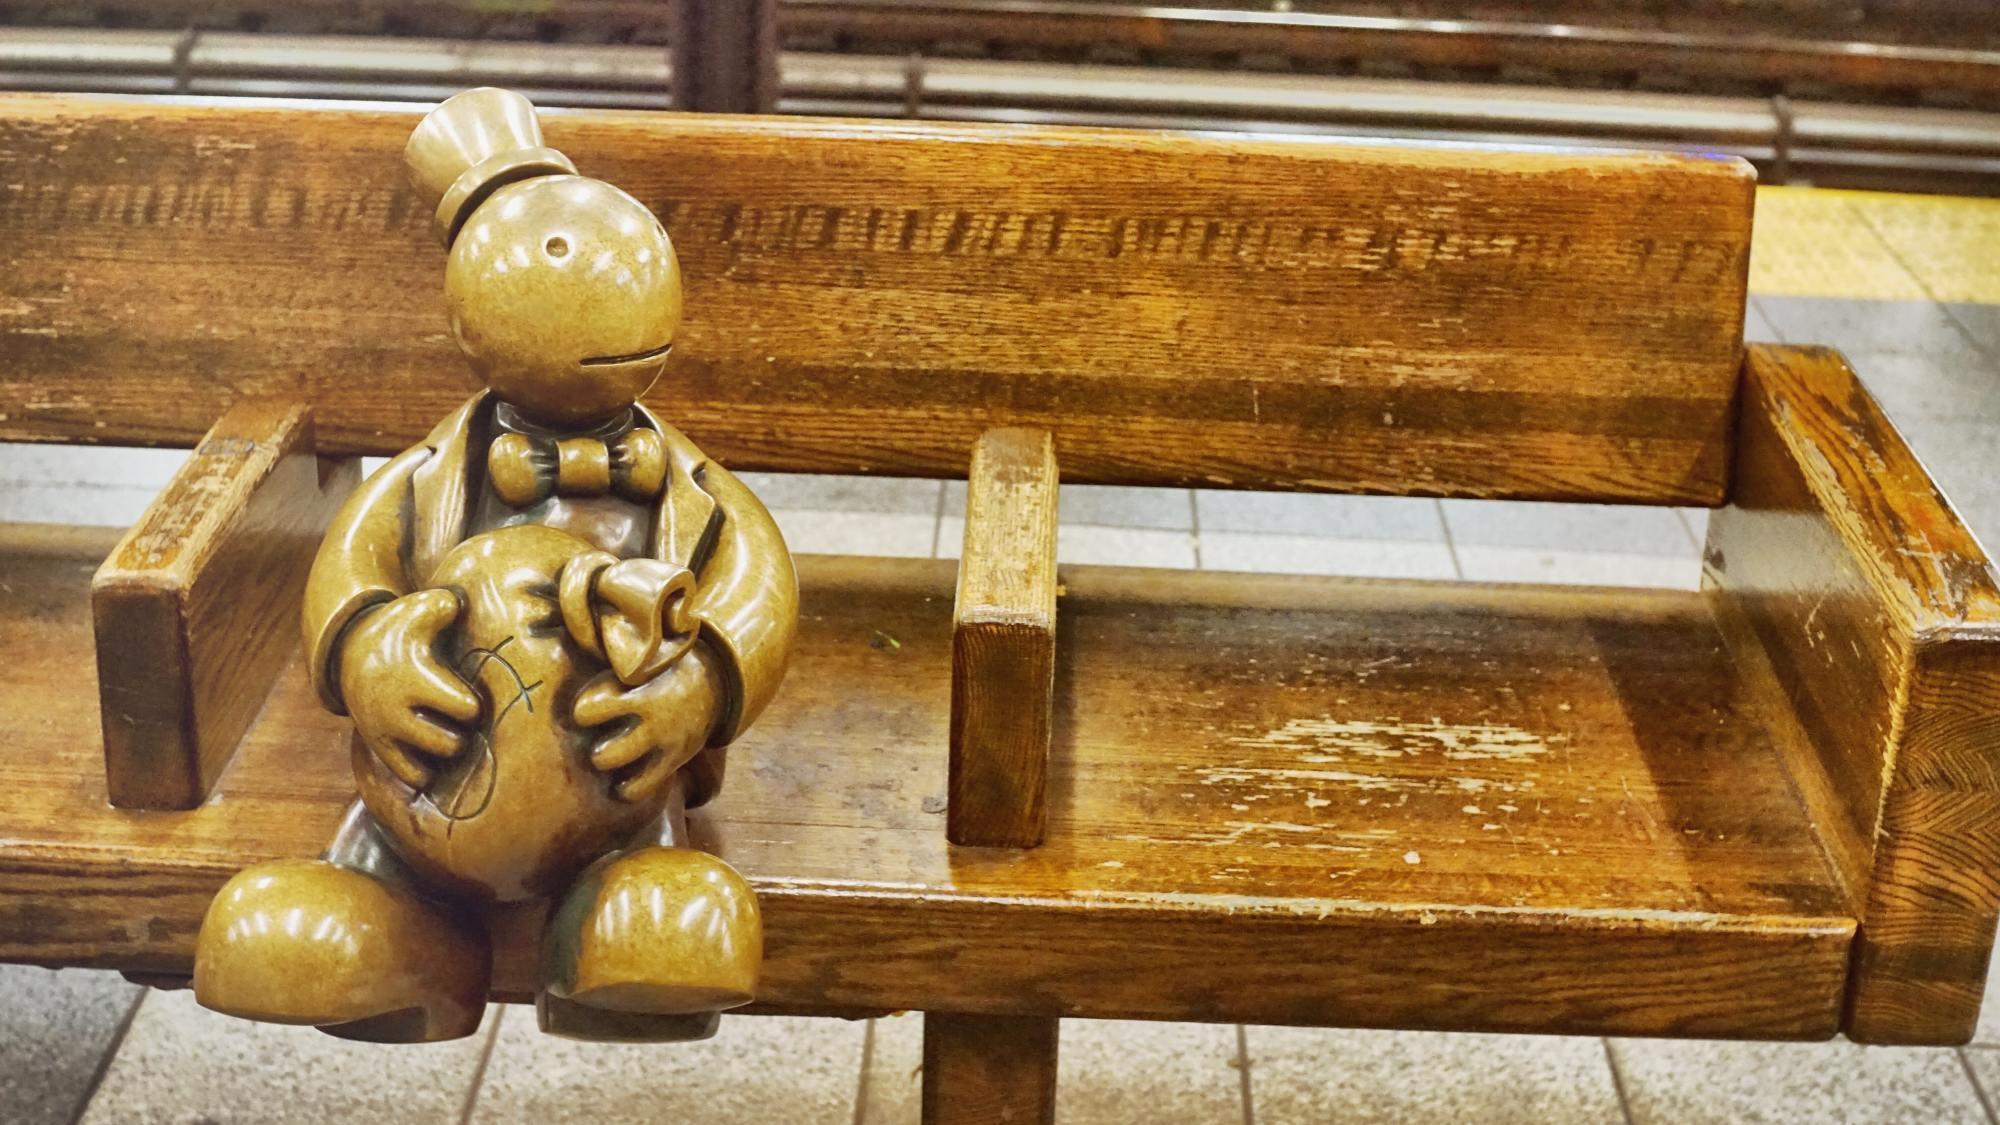 地铁里的小雕塑